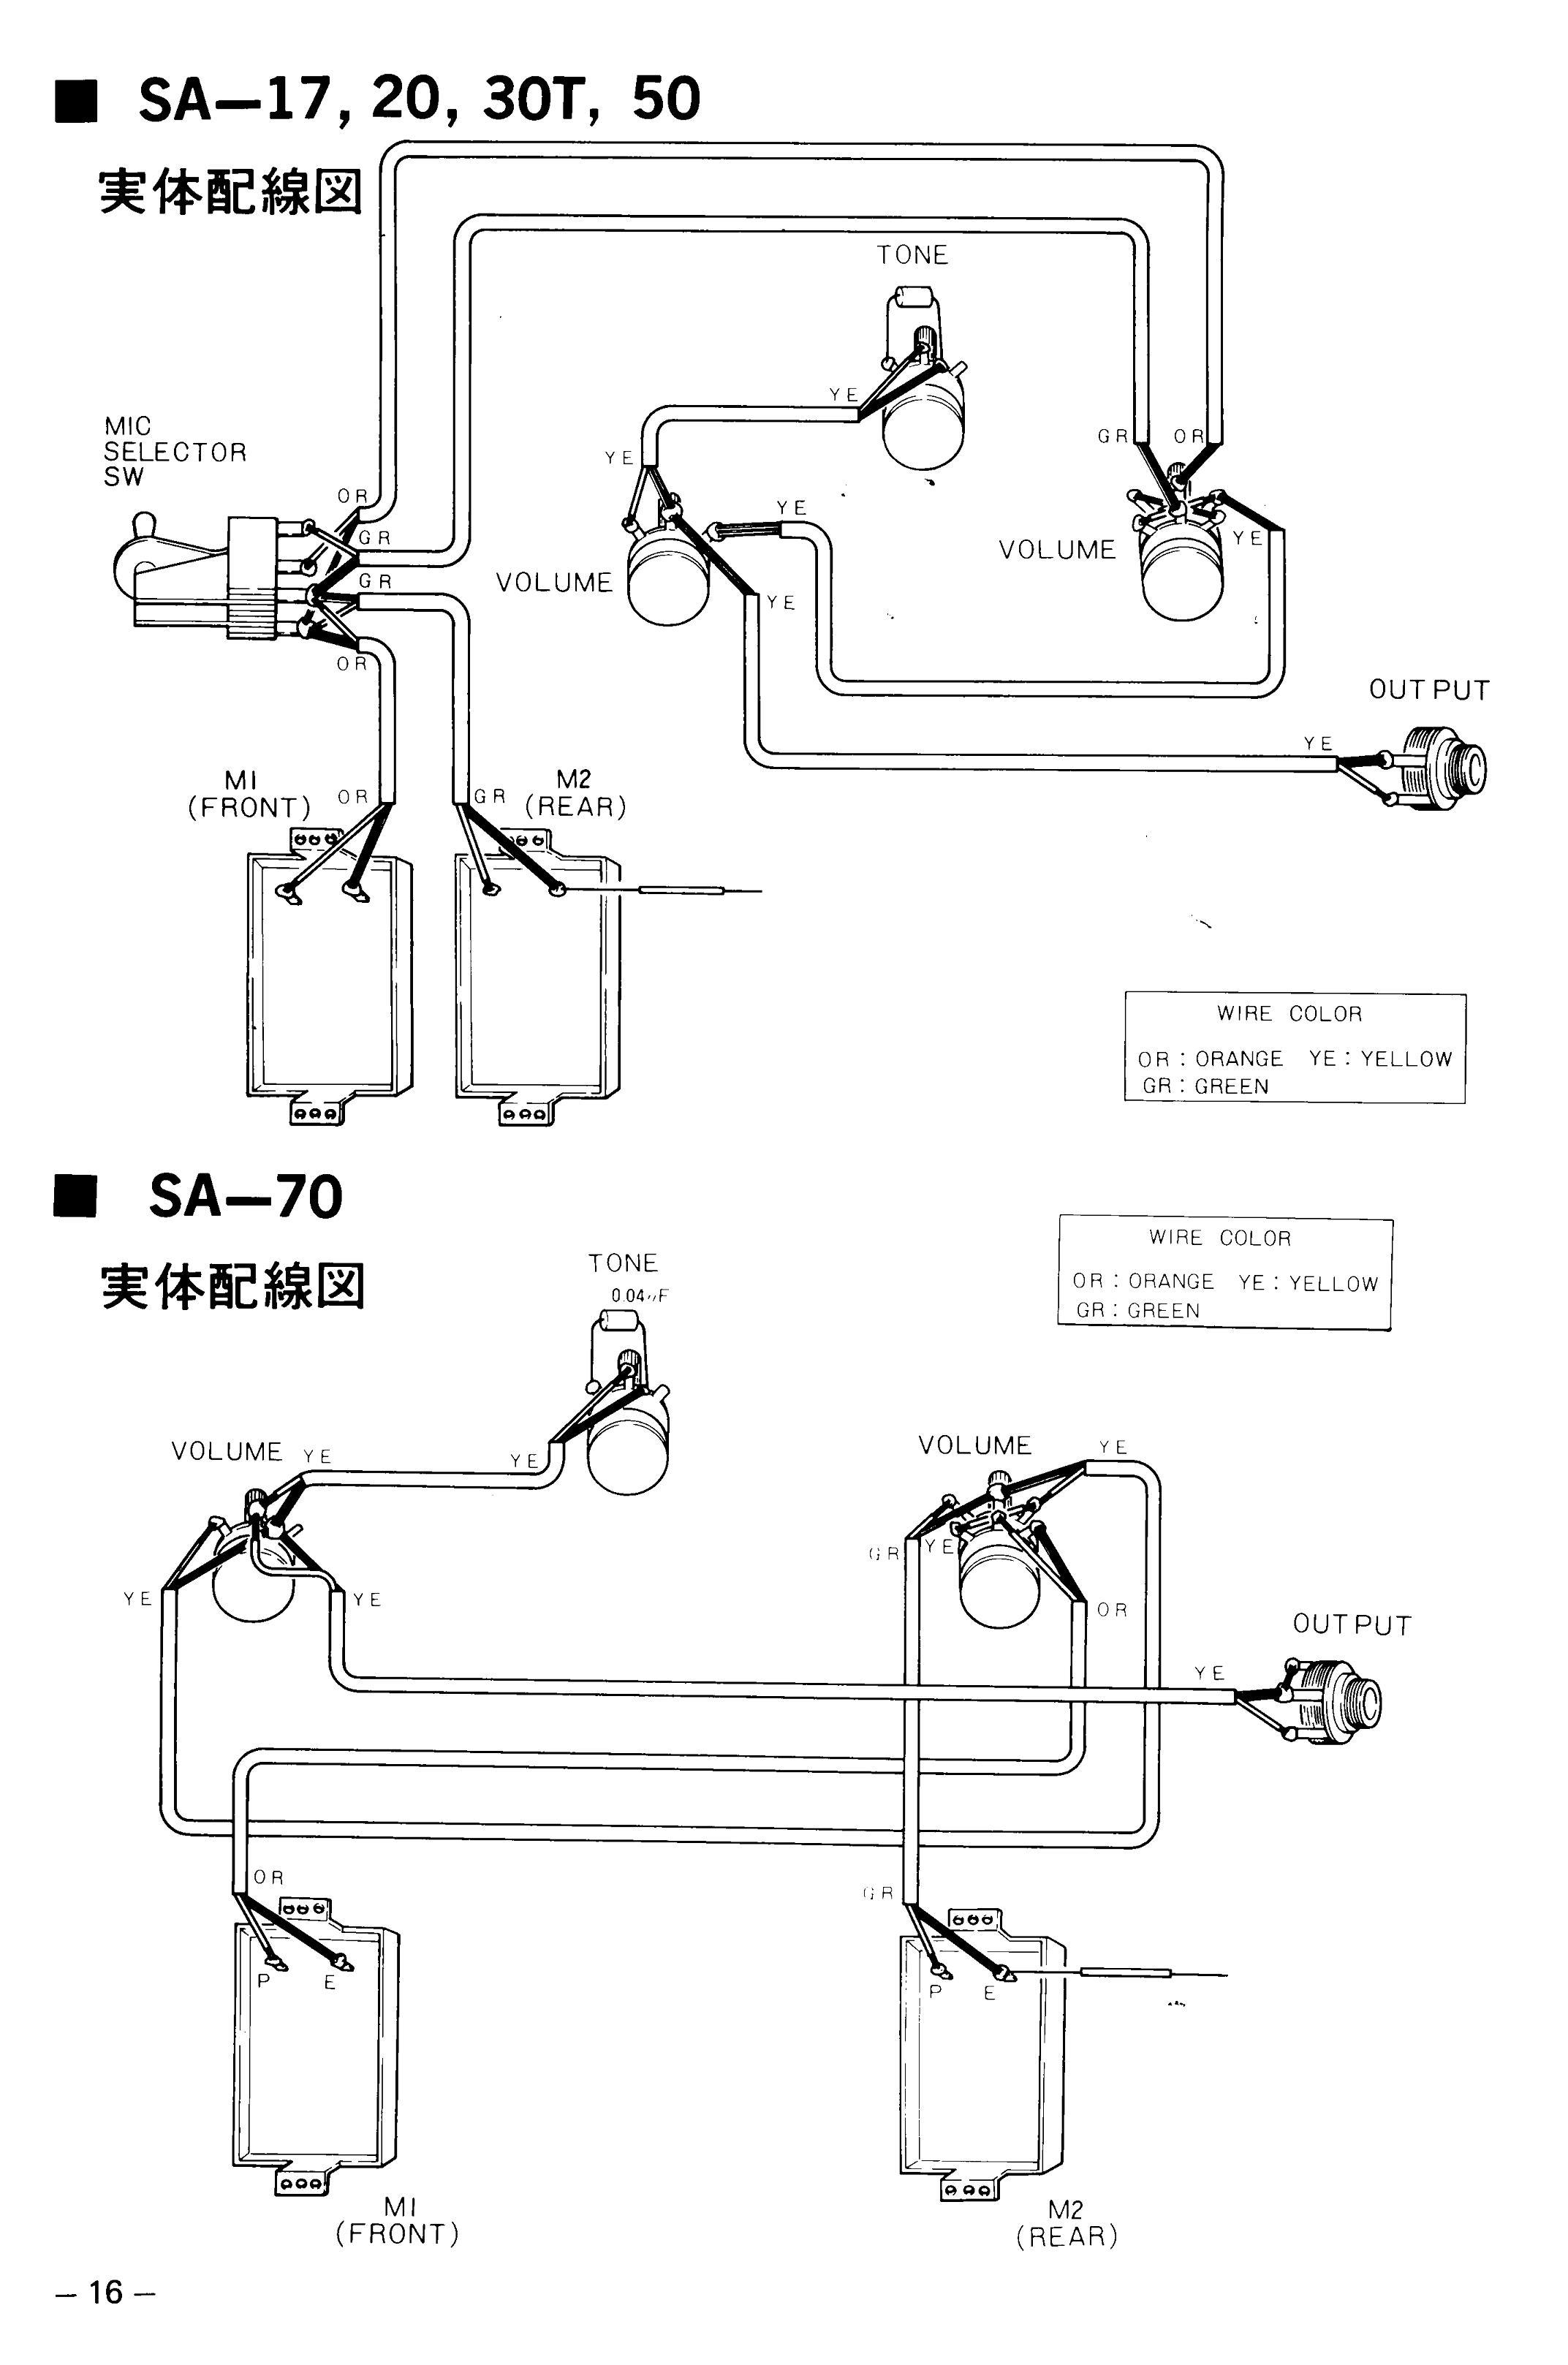 Yamaha SA 20 SA 30 SA 50 SA 70 Wiring diagram Page 16 of 1979 parts brochure?quality\=80\&strip\=all dt1 wiring diagram wiring diagrams yamaha dt 100 wiring diagram at gsmportal.co